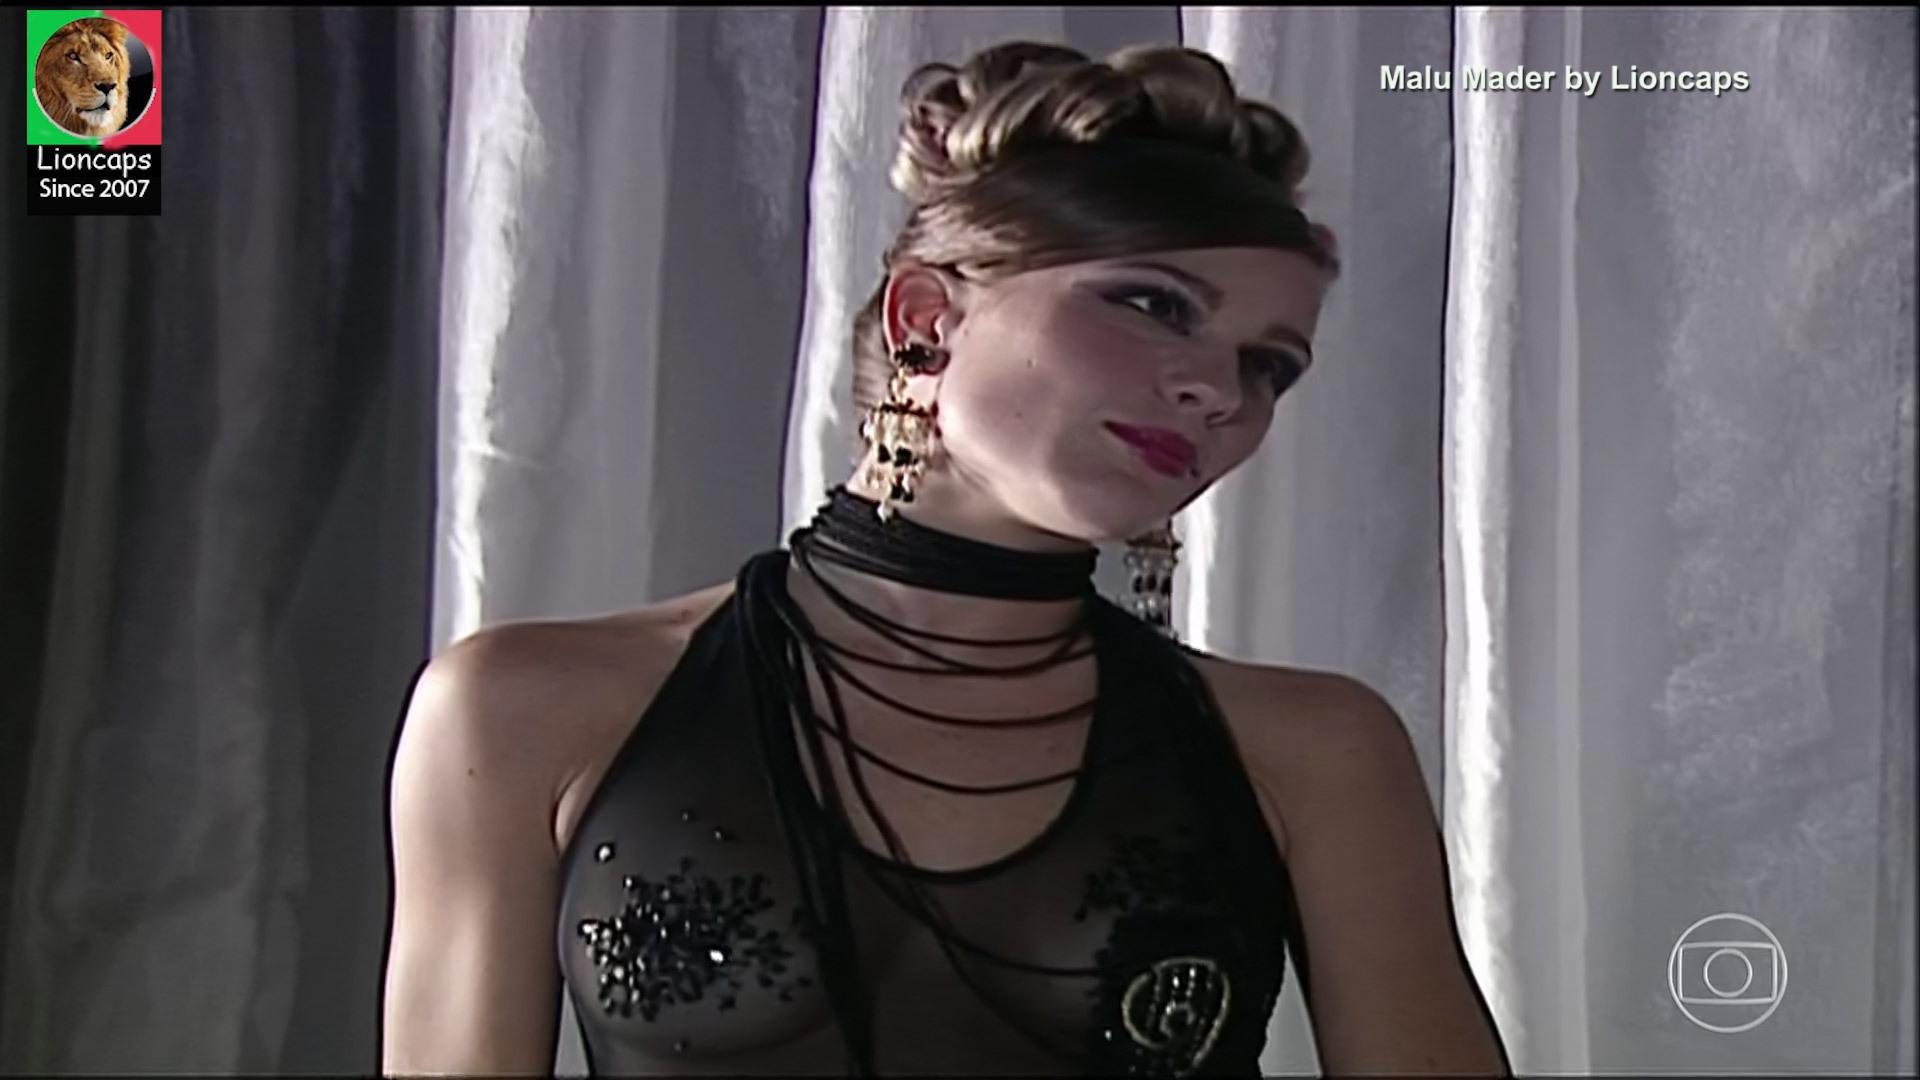 mariana_hein_anjo_lioncaps_04_09_2021 (8).jpg